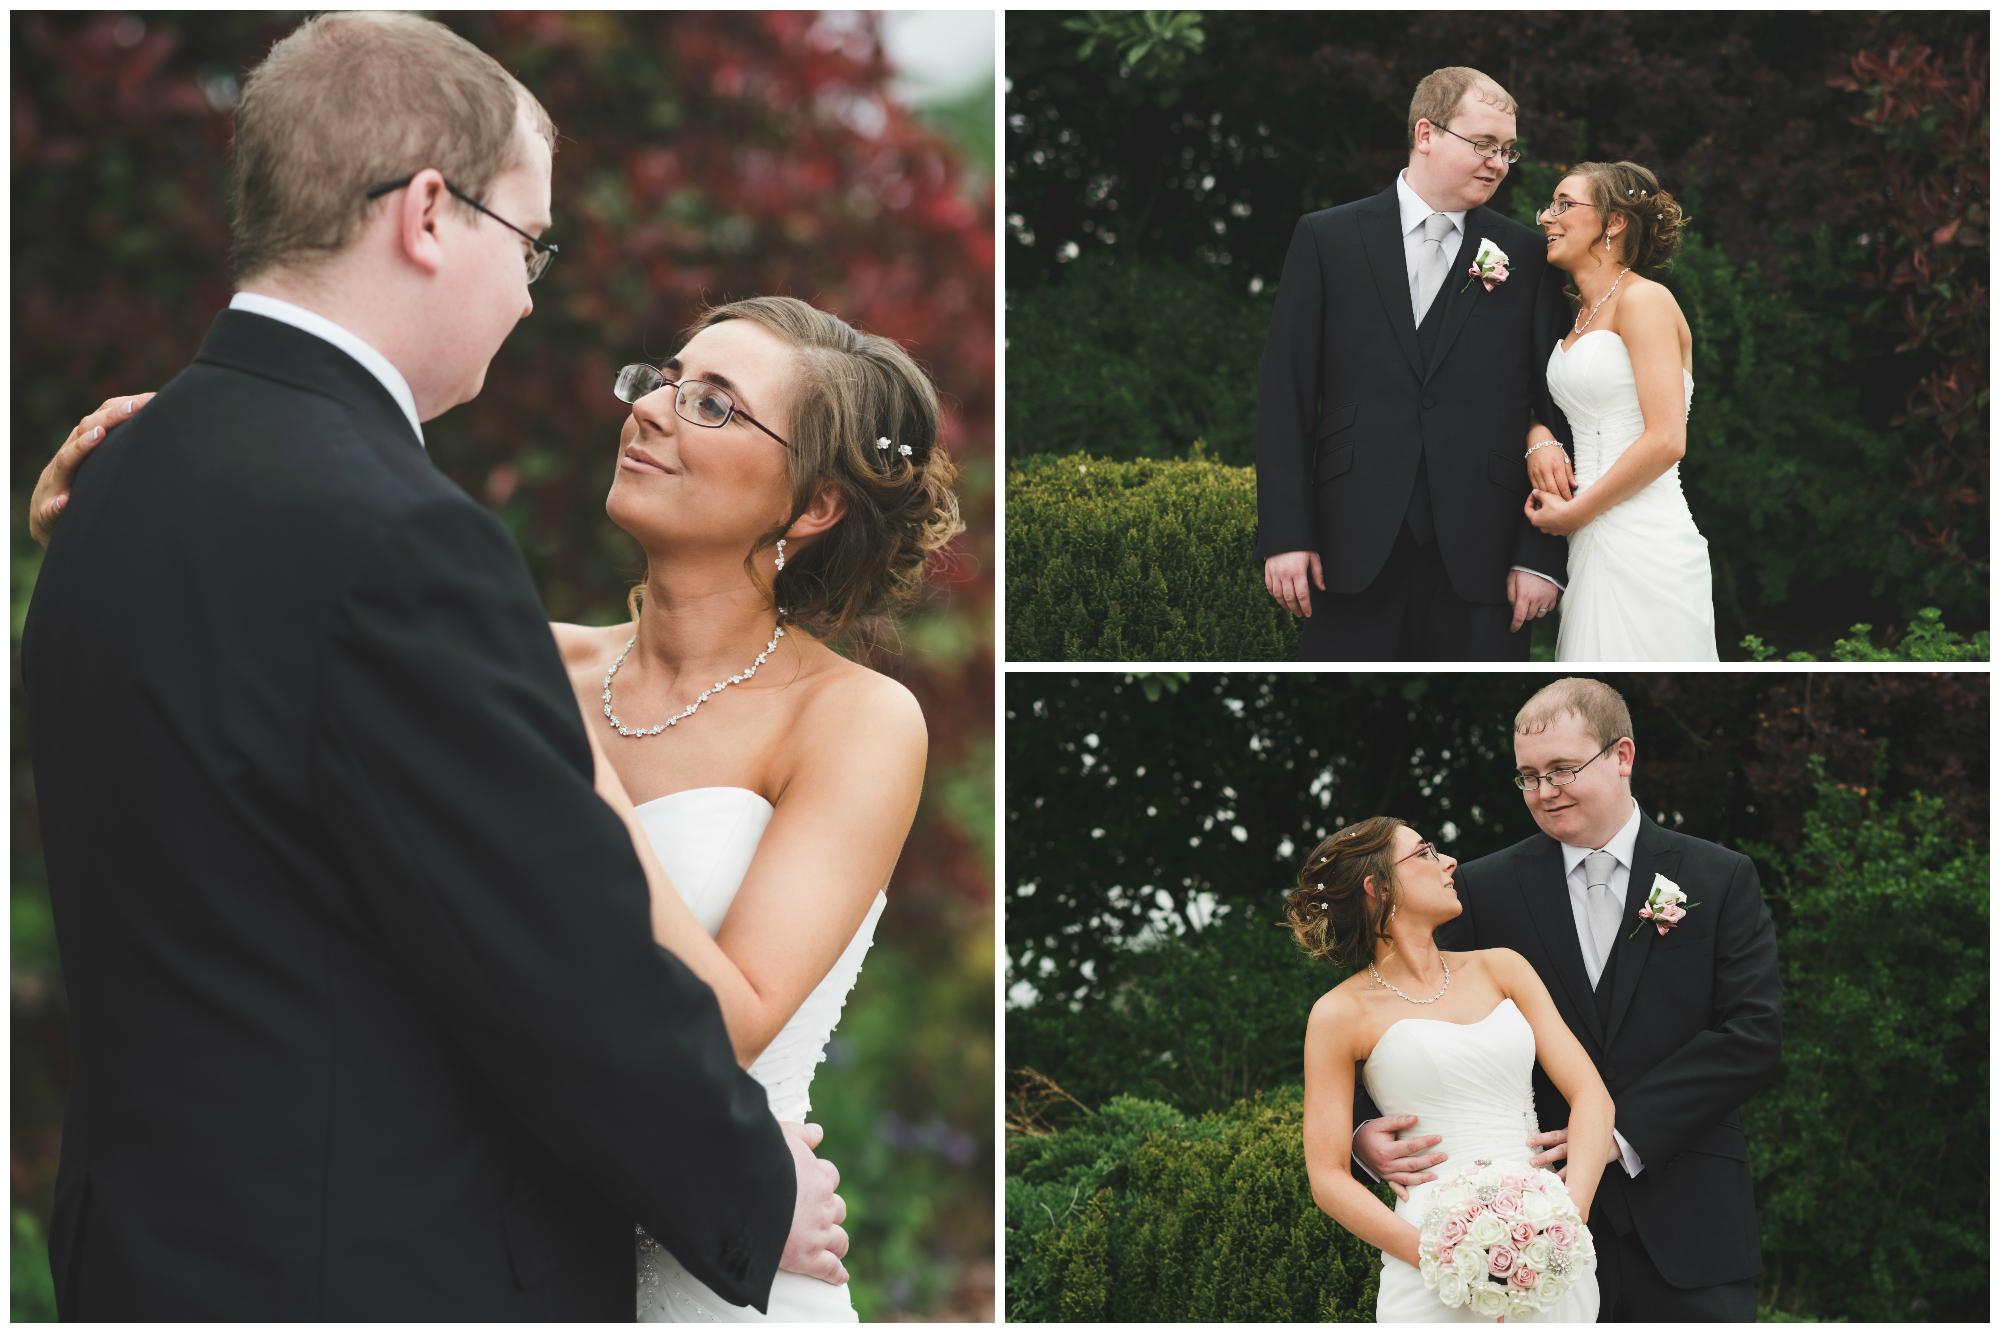 Ballymac_hotel_wedding_lisburn_groom_and_bride_portrait